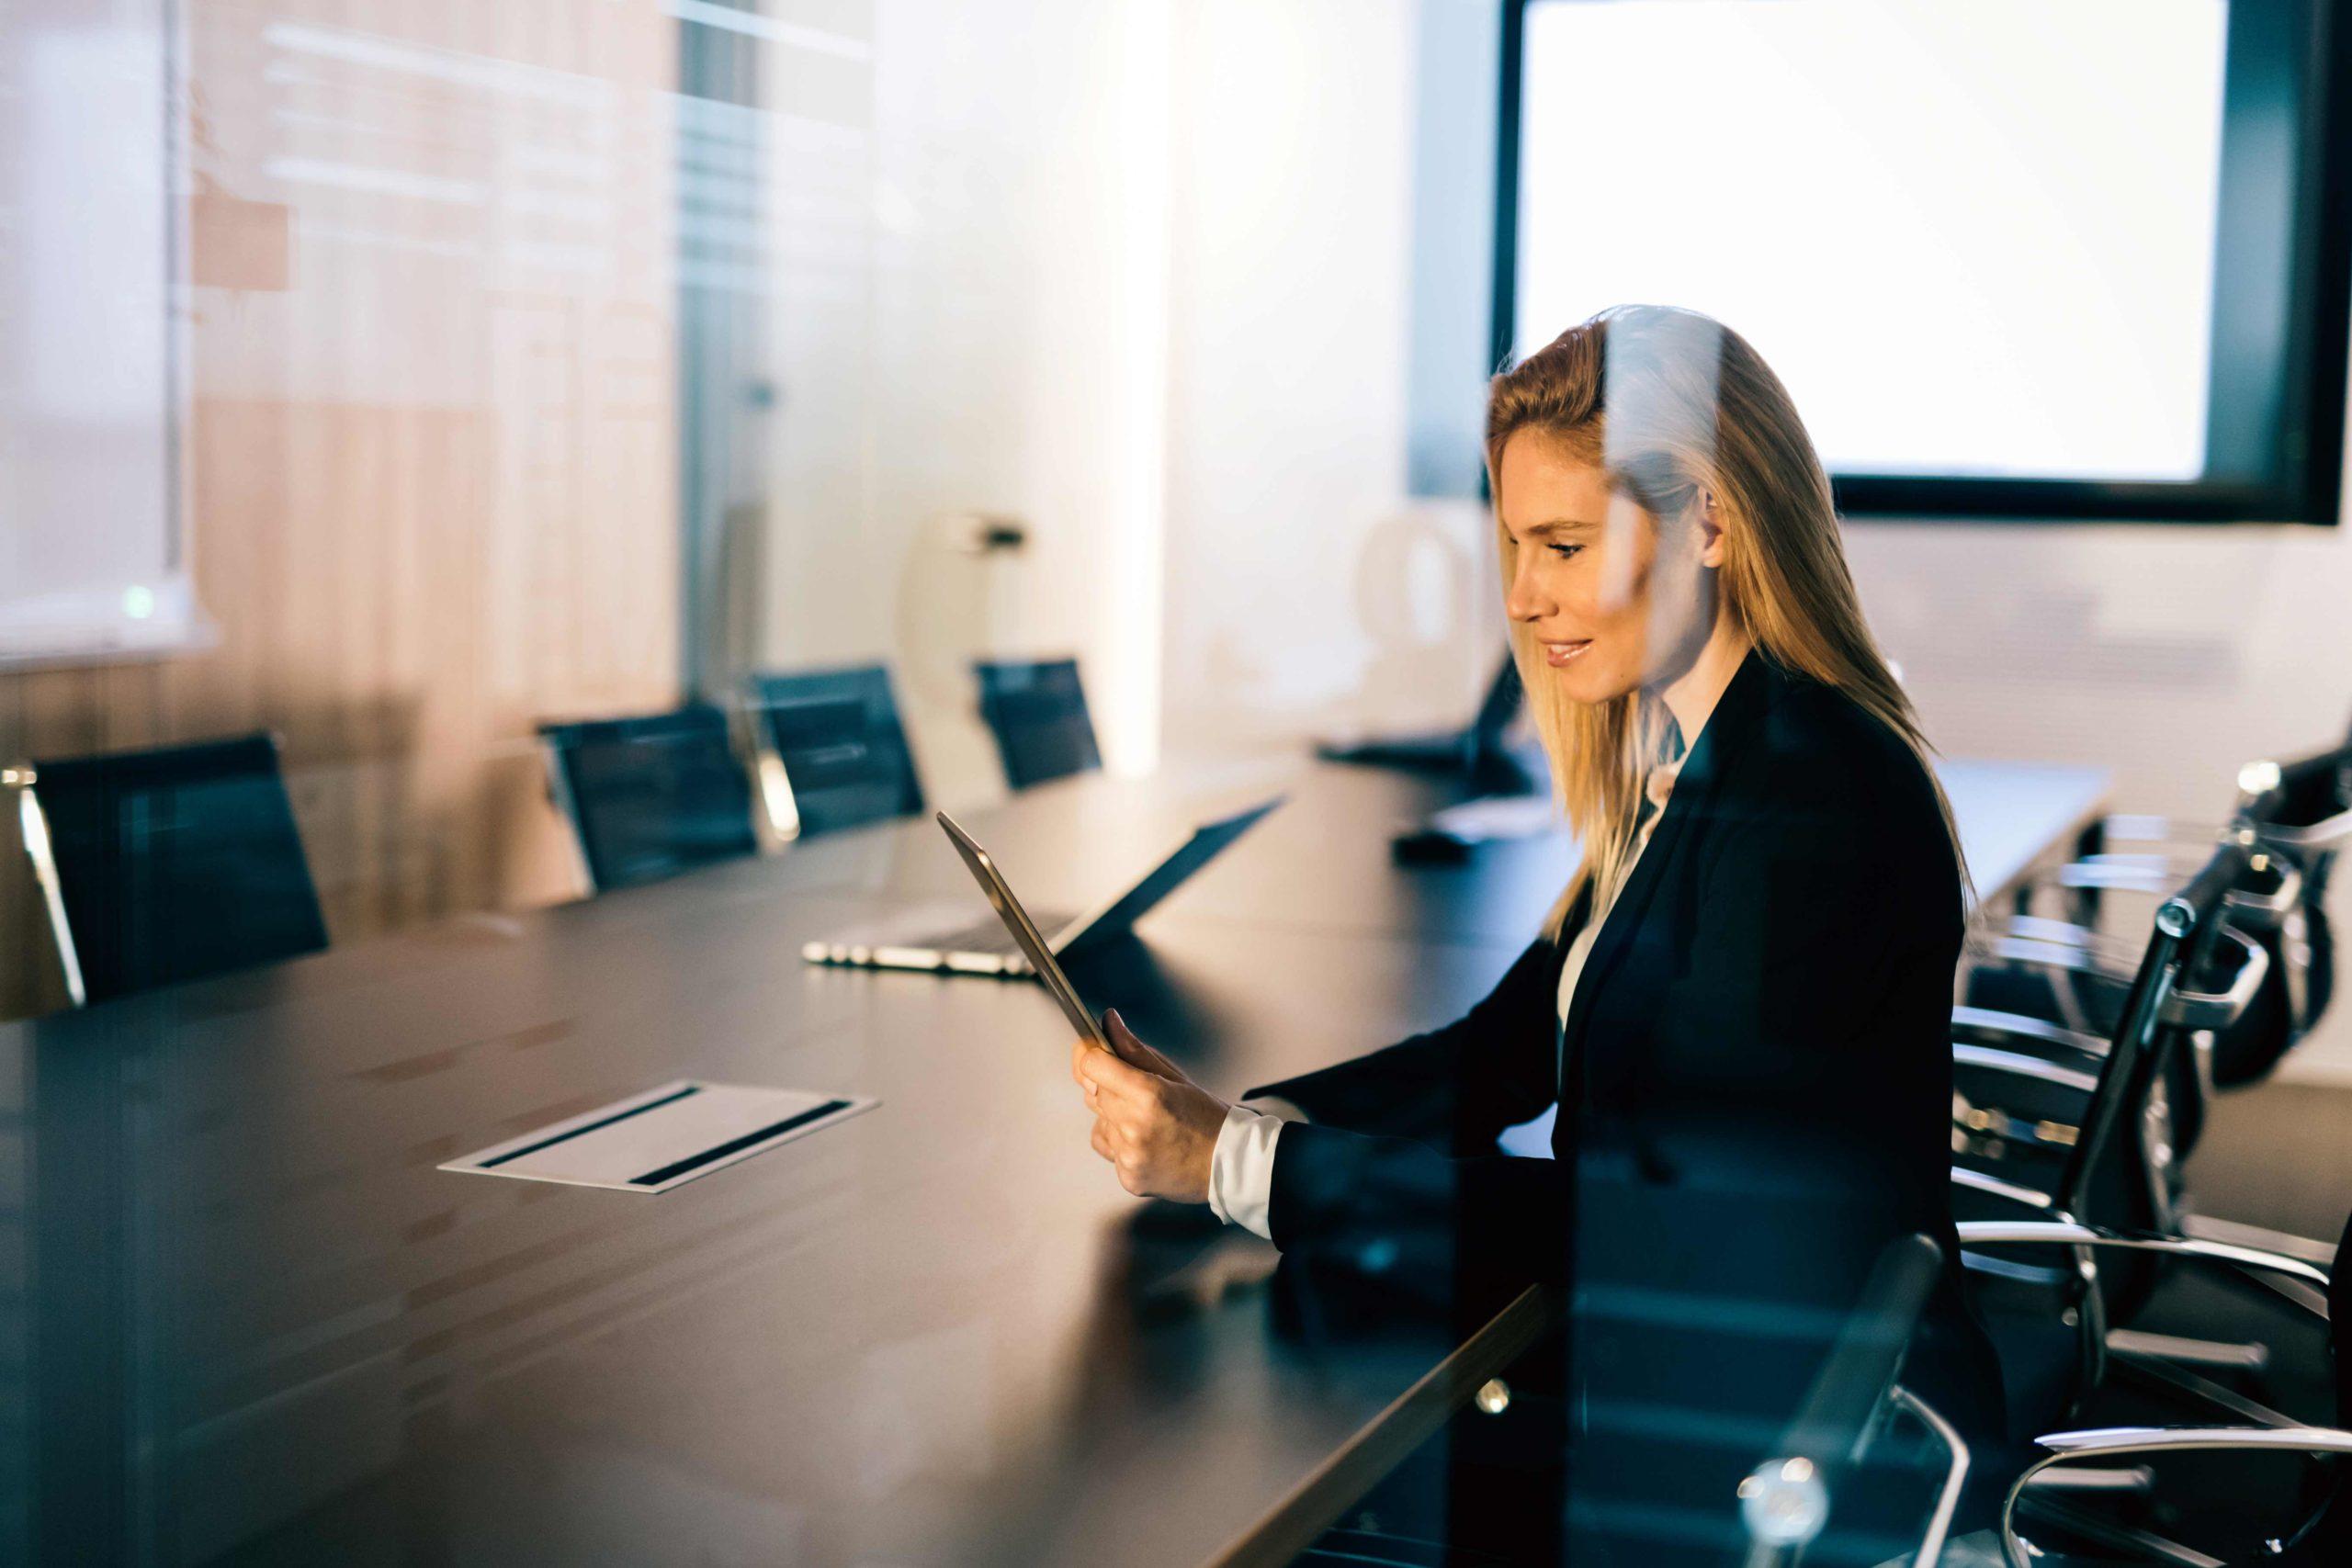 Víntegris, pertanyent a Euronovate Group, validada com a prestadora per emetre durante l'Estat d'alarma Certificats electrònics qualificats mitjançant videoconferència